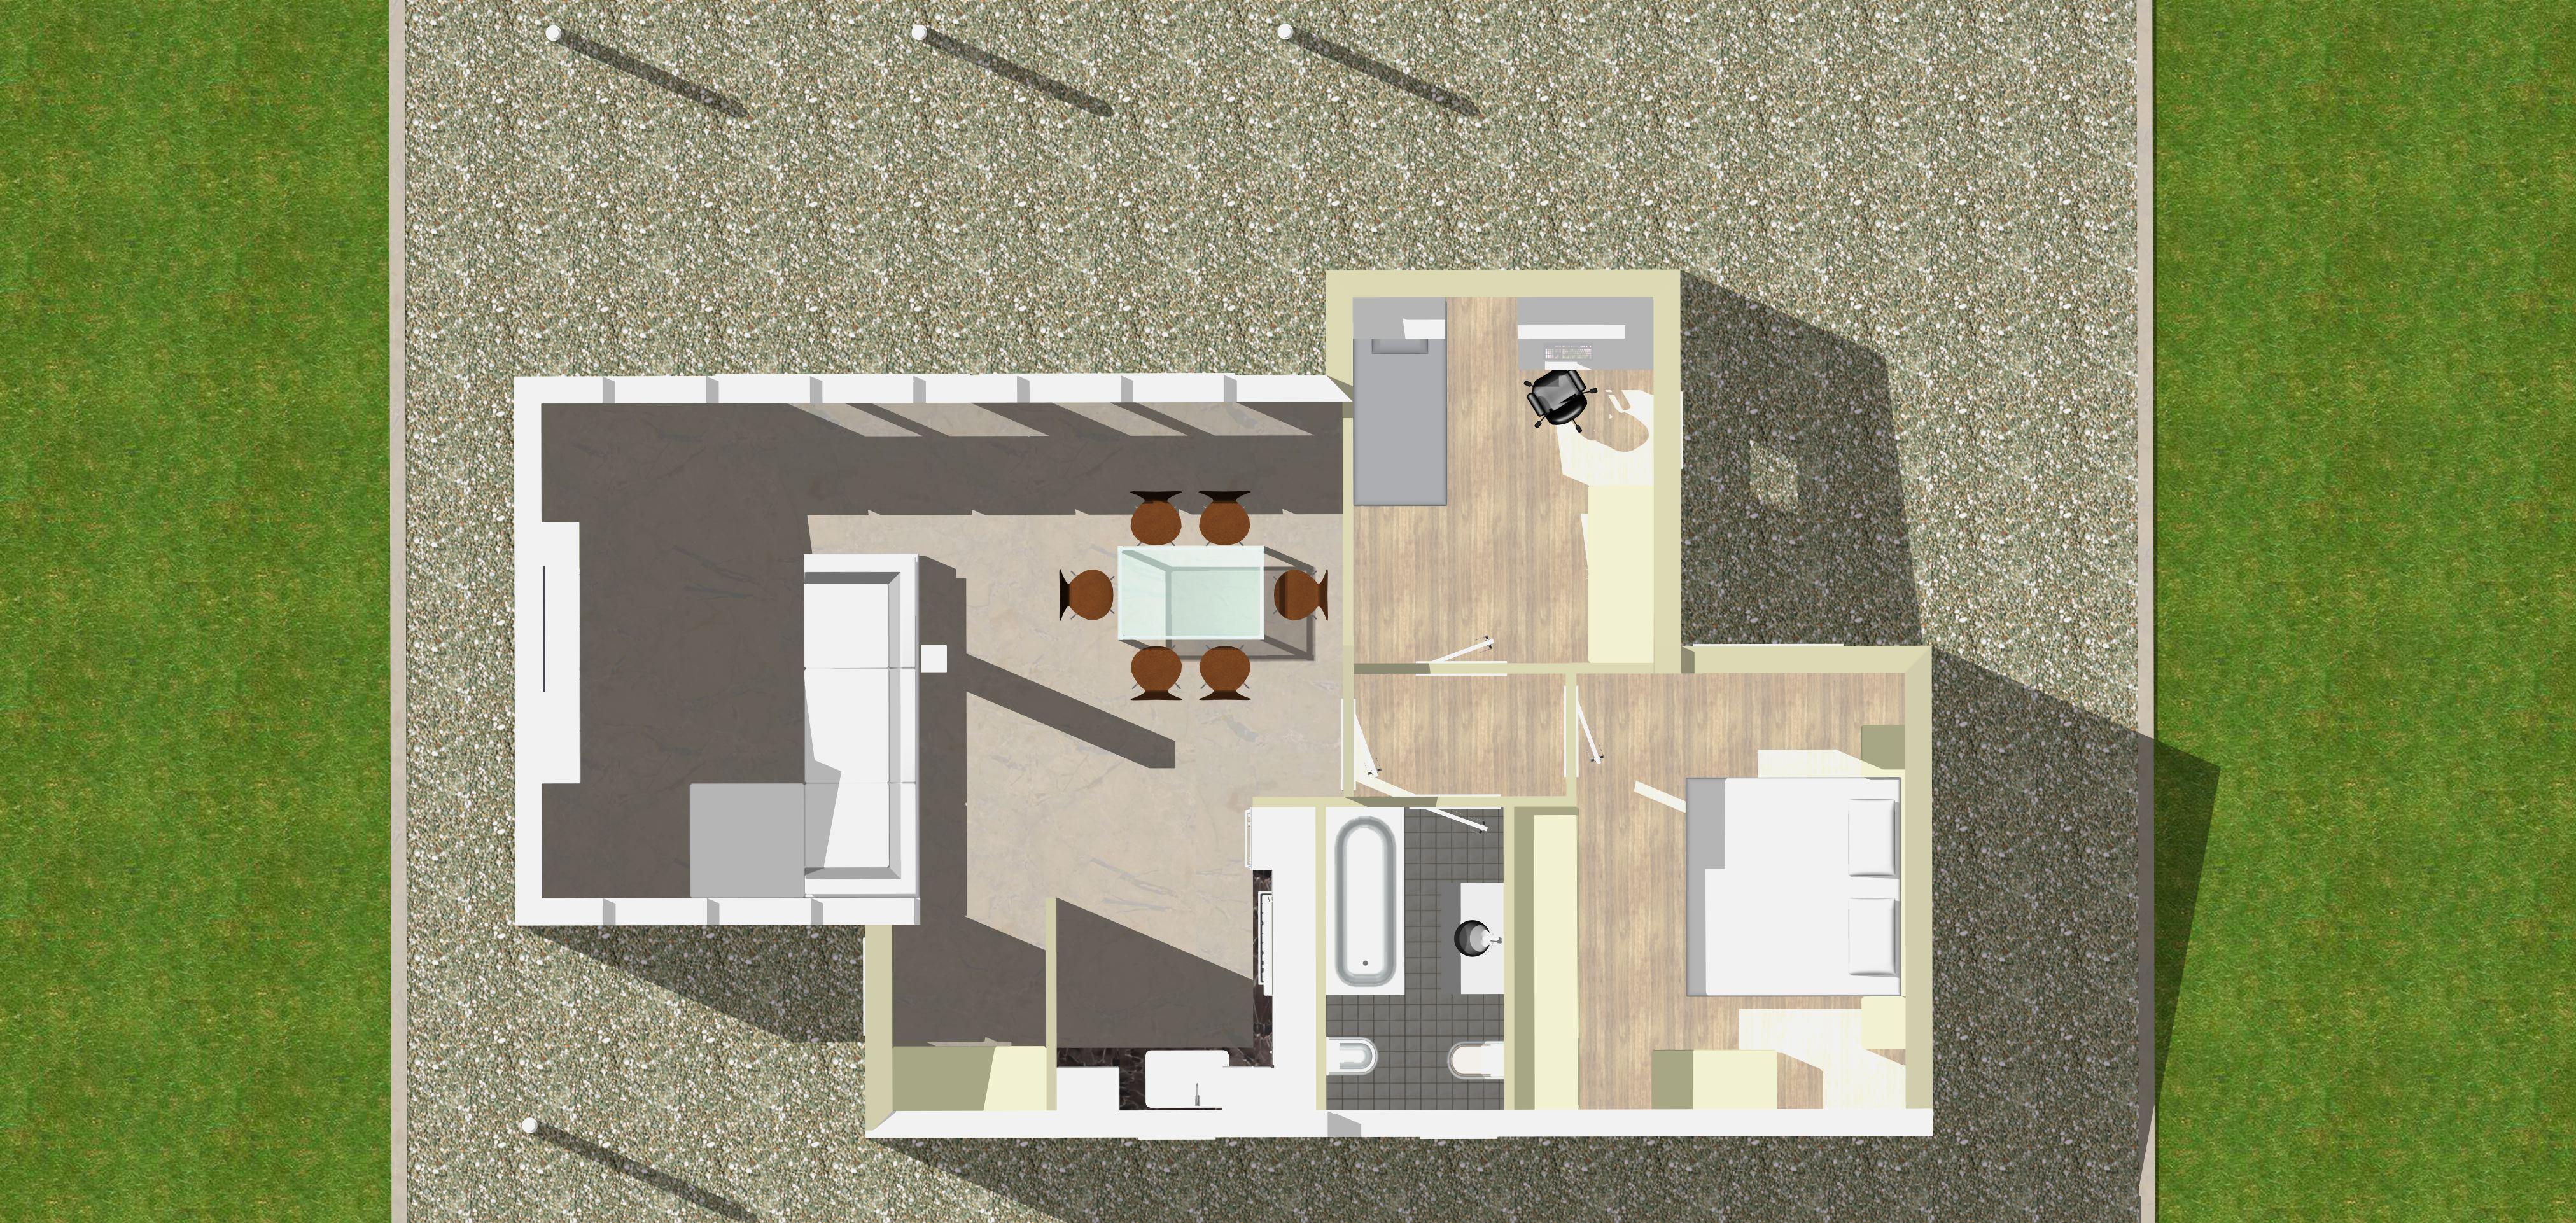 Planimetria della costruzione Casa in Legno modello Monofamiliare Moderna Monopiano di WOOD HOUSE